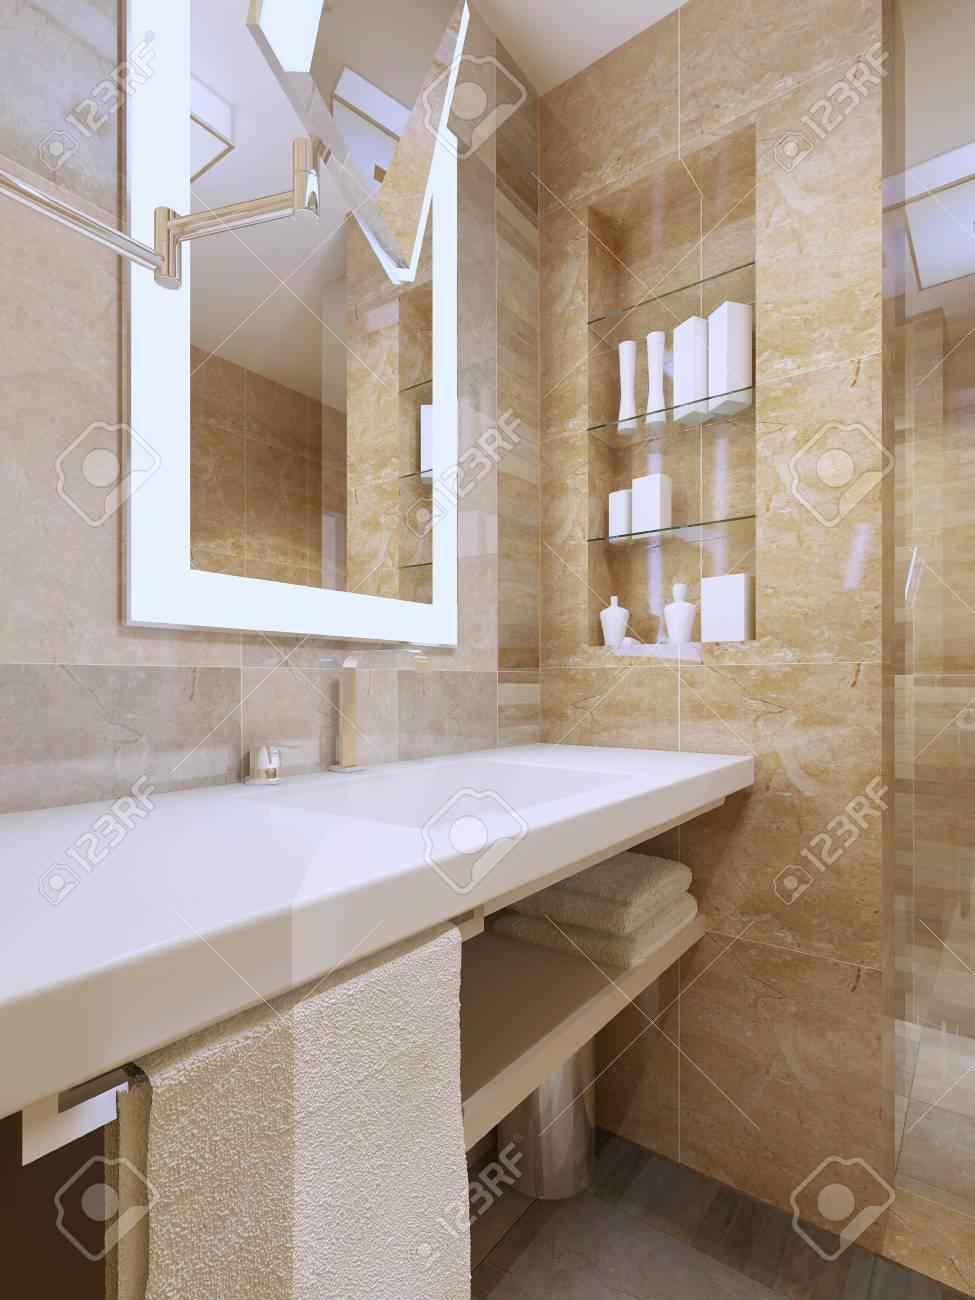 Intérieur de salle de bain de luxe. Console évier avec comptoir en  céramique blanche, niche, miroir avec lumière cadre. Rendu 3D